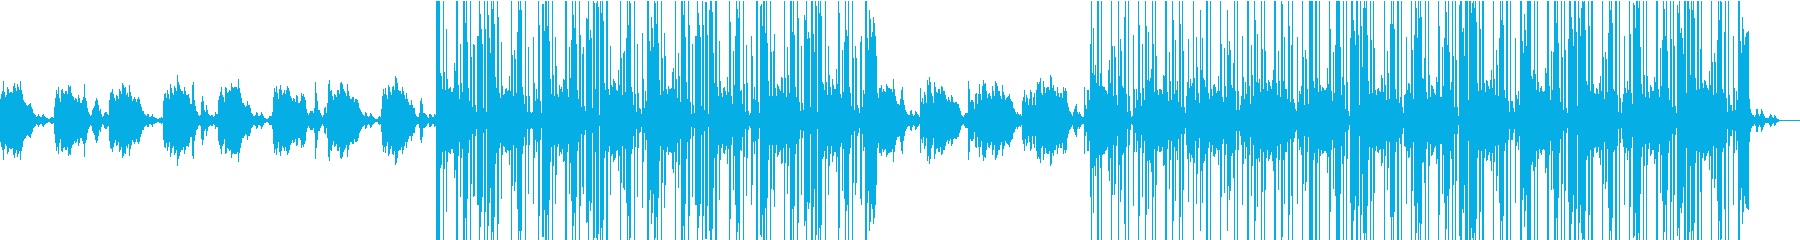 寂しげなエレクトロニカHiphop風の再生済みの波形